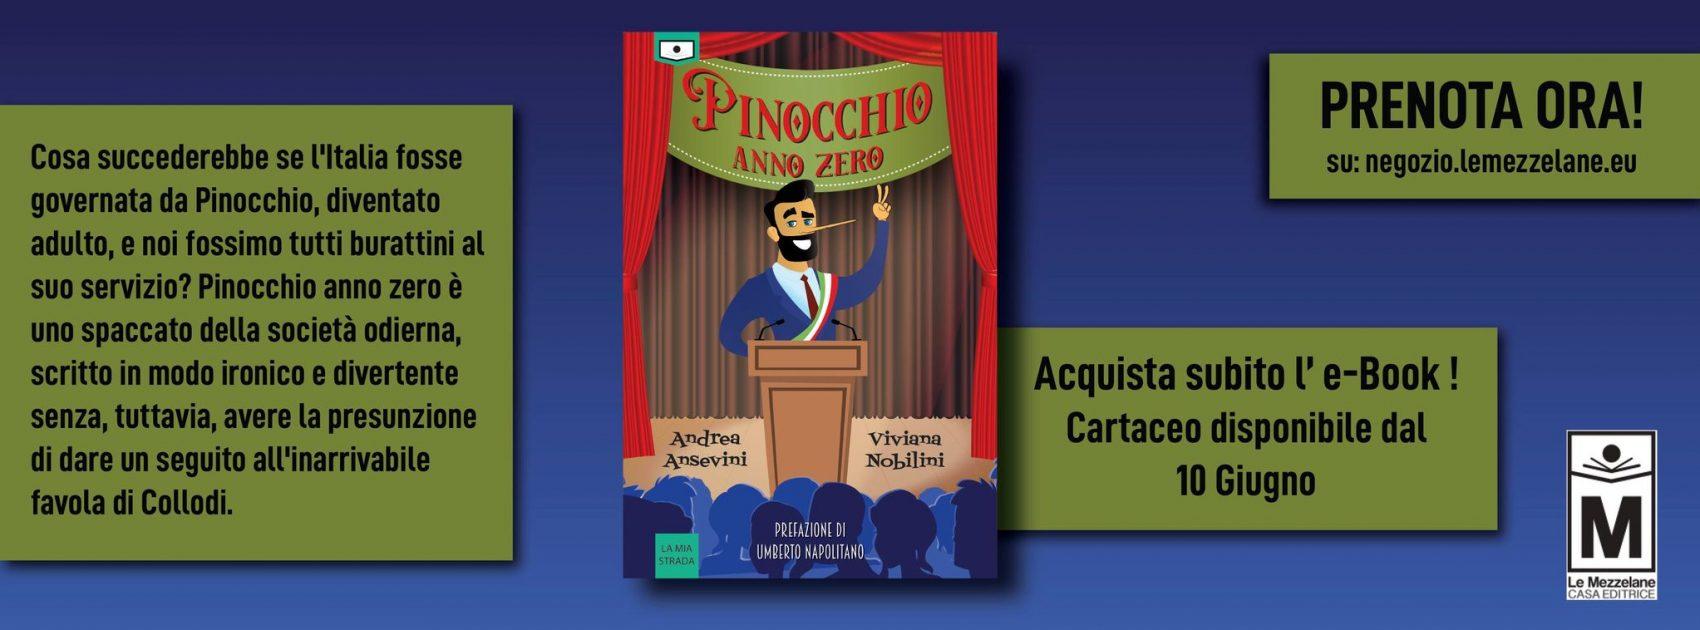 Cosa succederebbe se l'Italia fosse governata da Pinocchio, diventato adulto, e noi fossimo tutti burattini al suo servizio? Pinocchio anno zero è uno spaccato della società odierna, scritto in modo ironico e divertente senza, tuttavia, avere la presunzione di dare un seguito all'inarrivabile favola di Collodi.